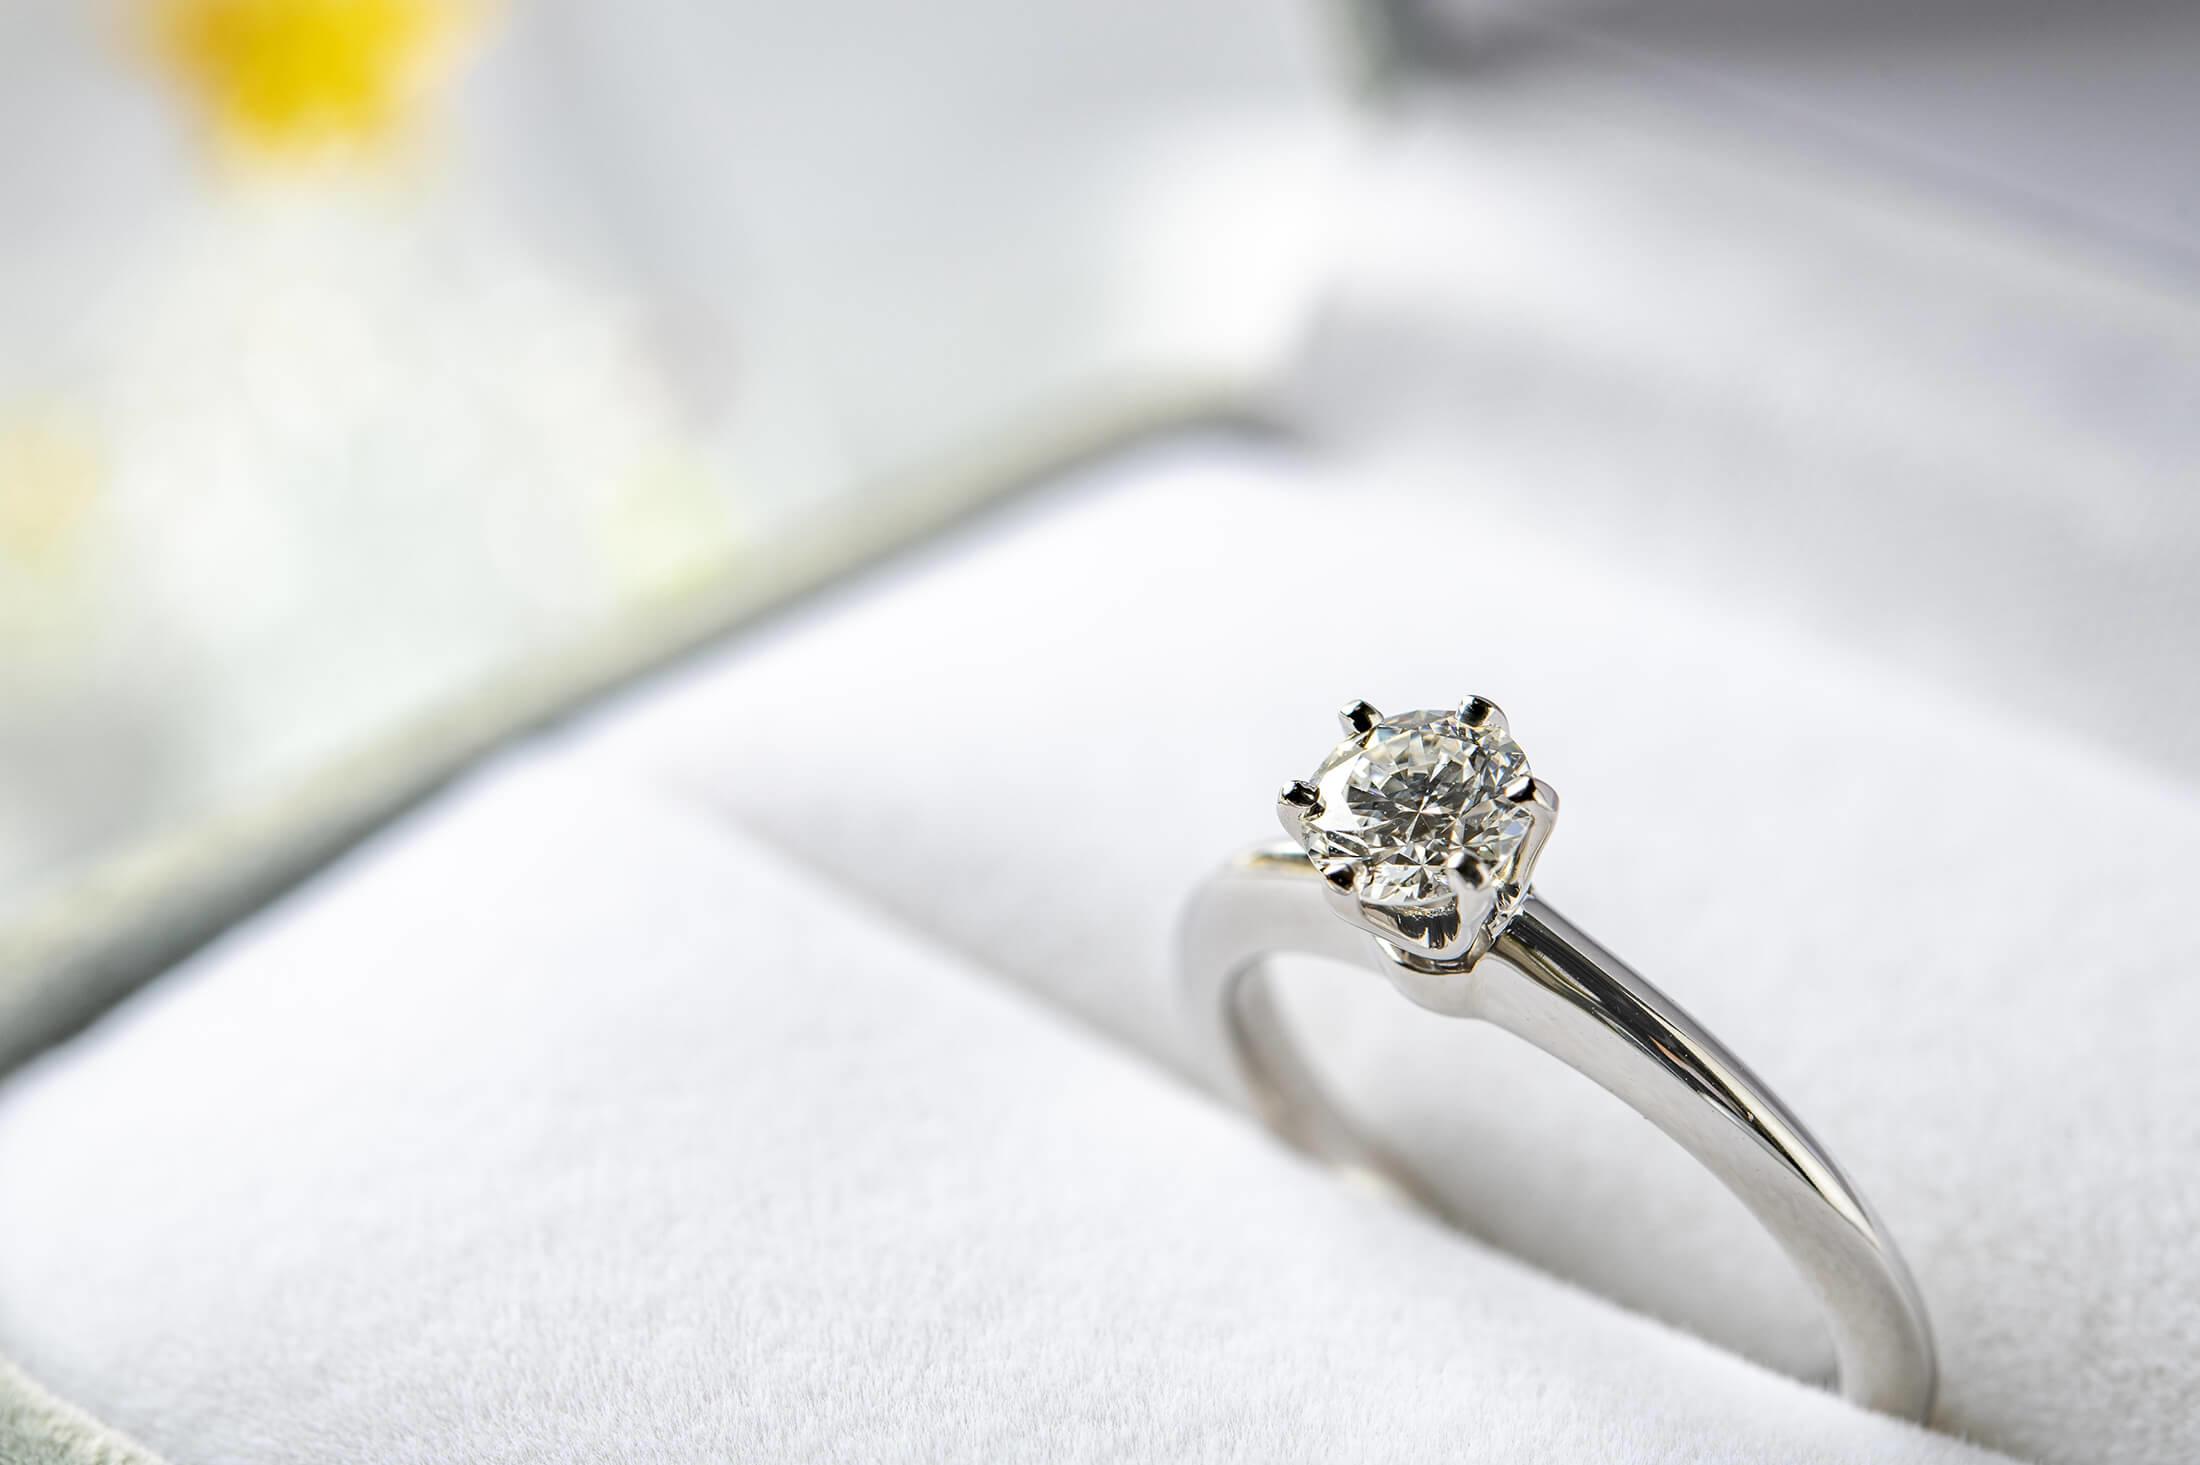 とはいえ『婚約指輪』を作るリスクは大きい!?